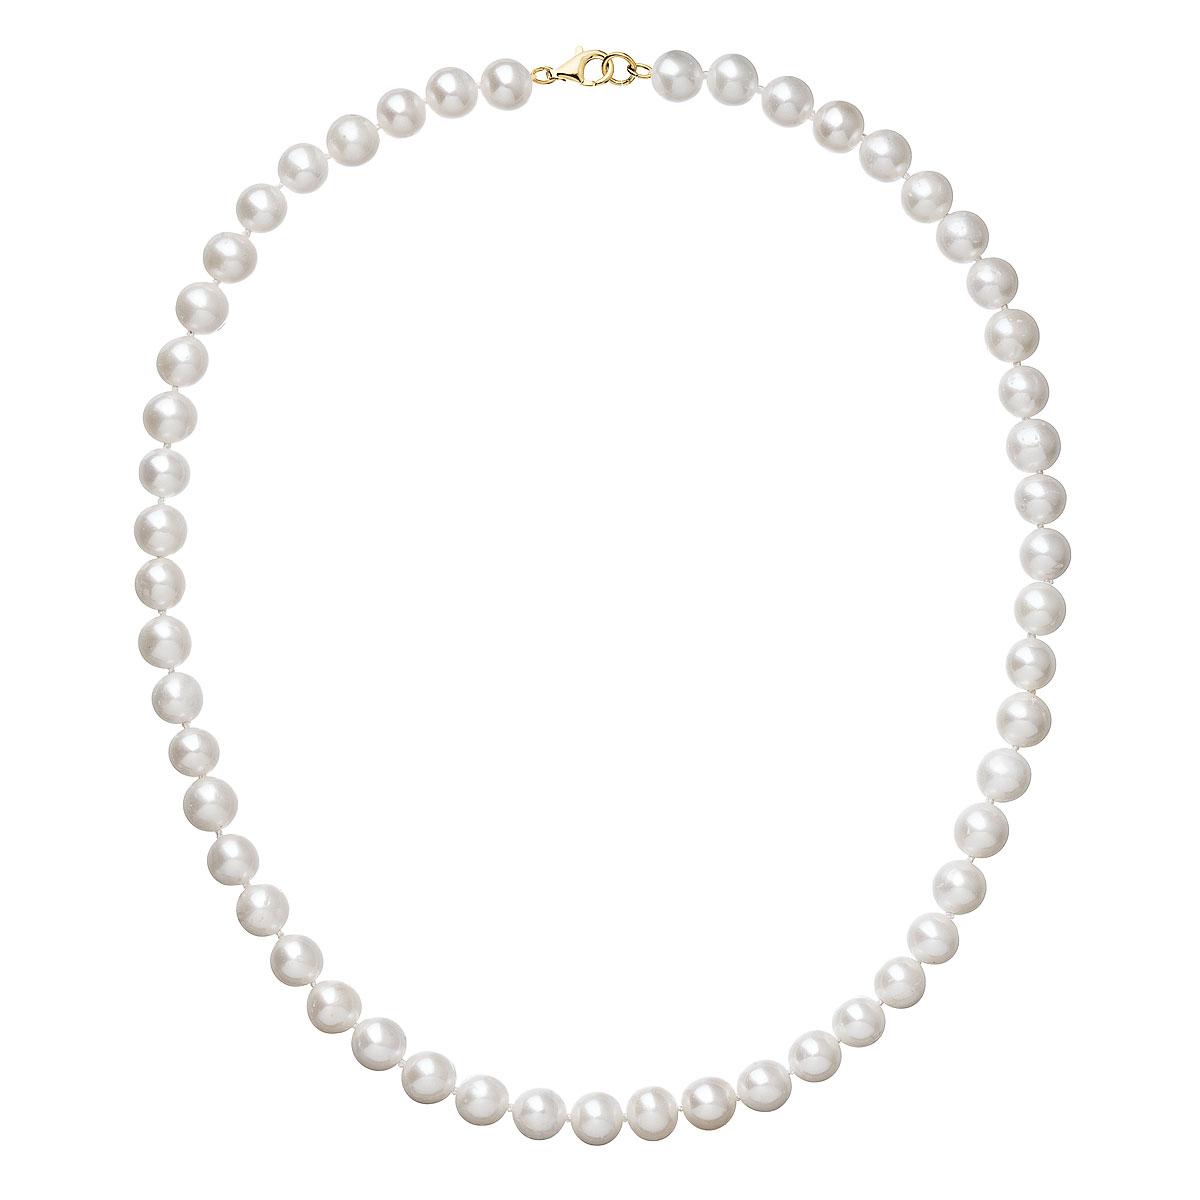 Perlový náhrdelník biely z pravých riečnych perál so zlatým 14 karátovým zapínaním 922003.1